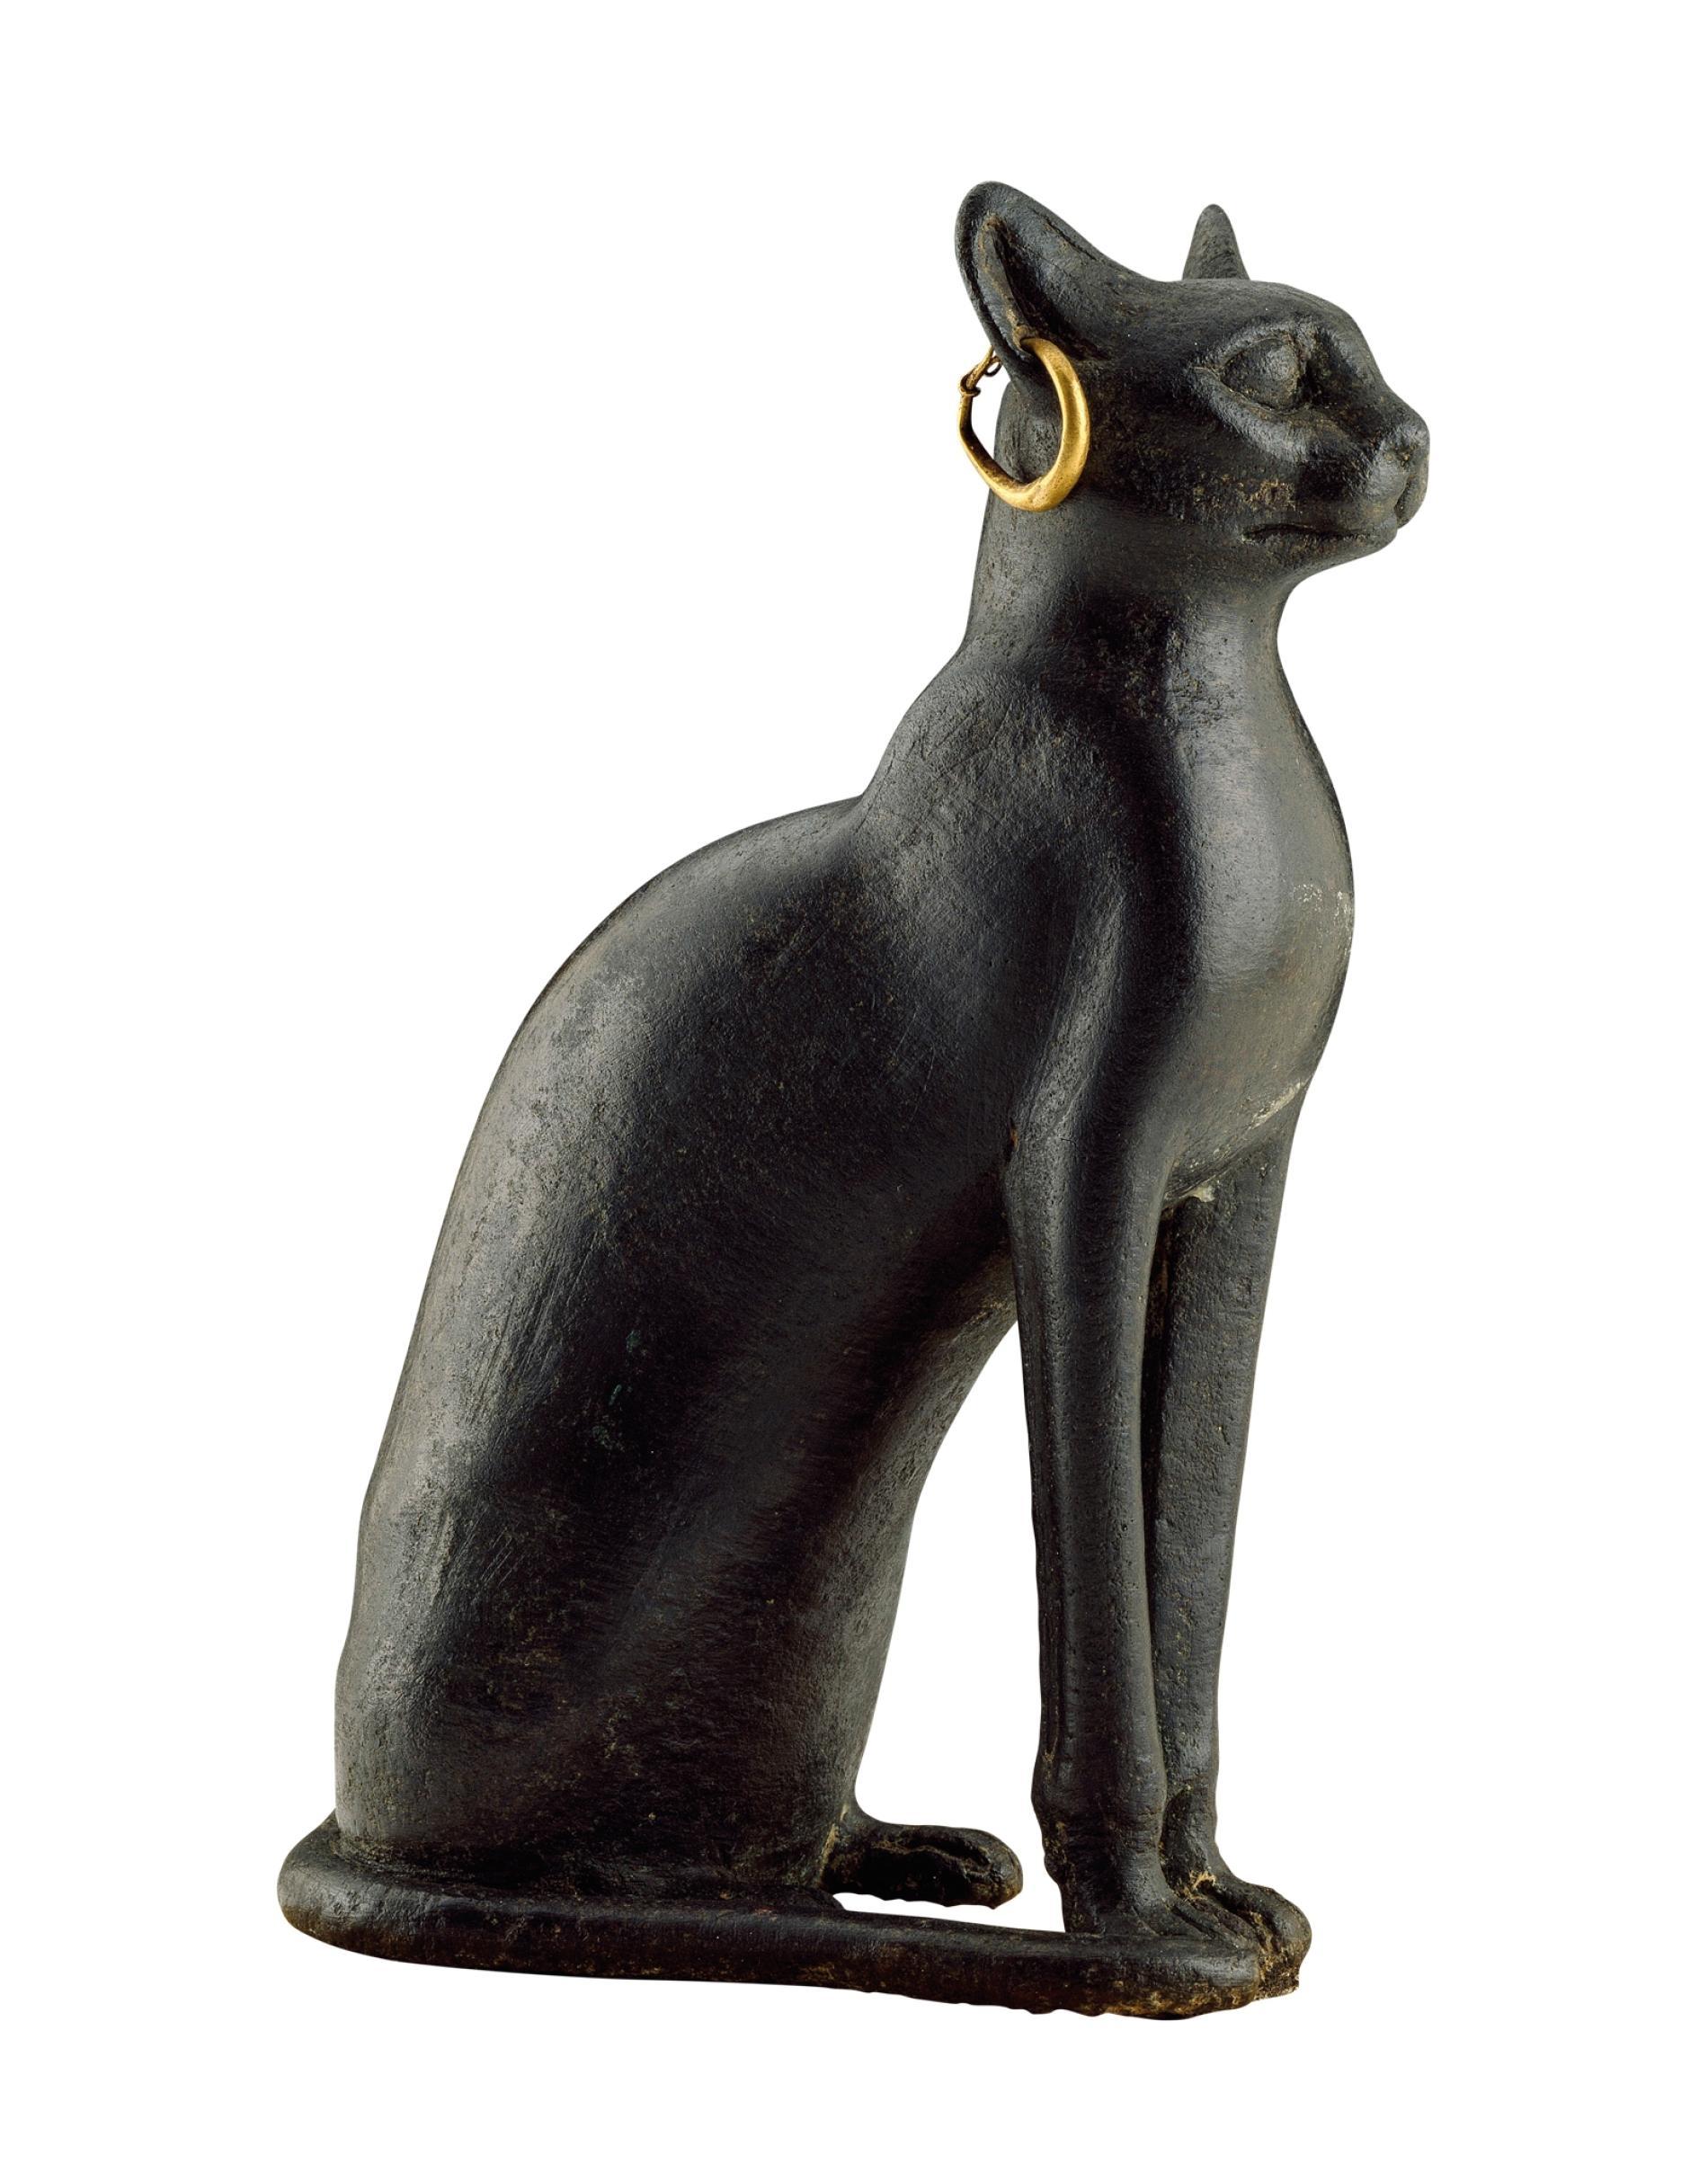 銅製的貓神芭絲特(Bastet)雕像。製作於西元前8至4世紀。PHOTOGRAPH BY MARY EVANS/SCALA, FLORENCE